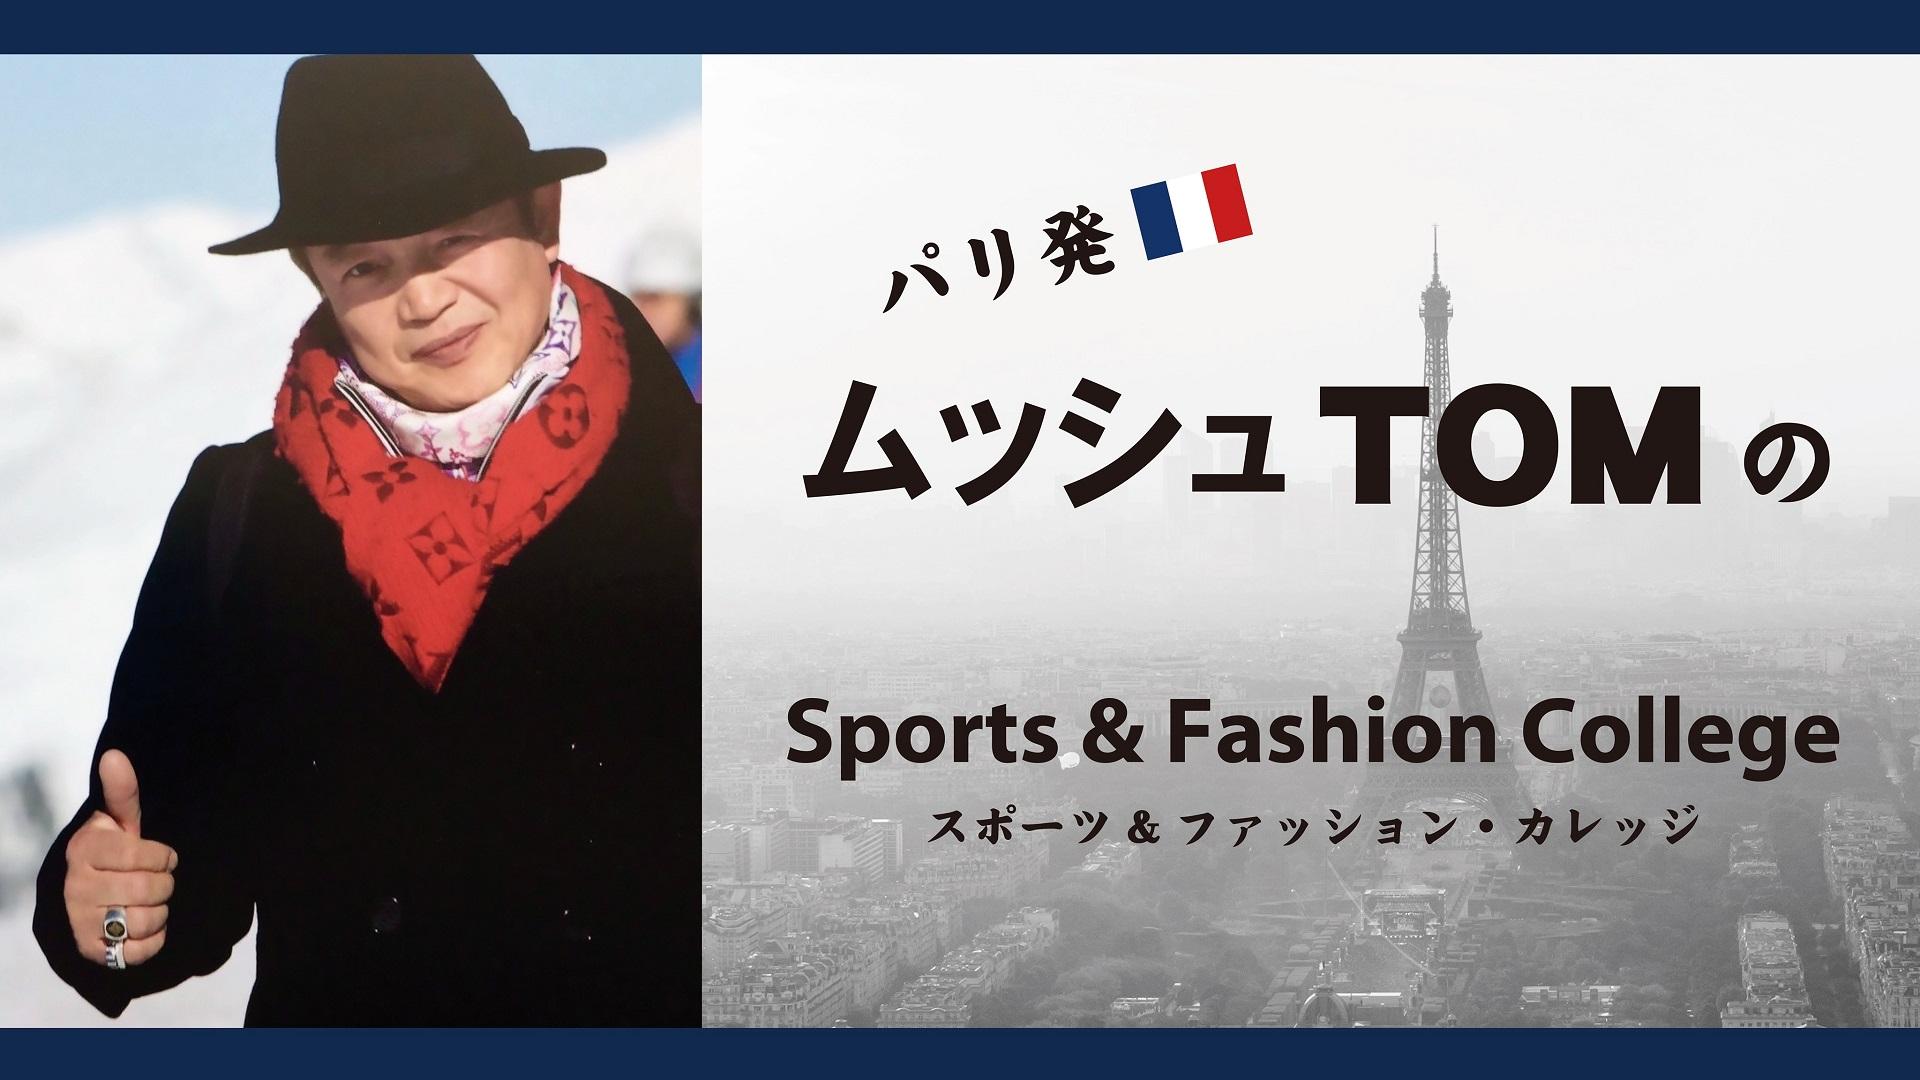 パリ発ムッシュTomの「スポーツ&ファッションカレッジ」